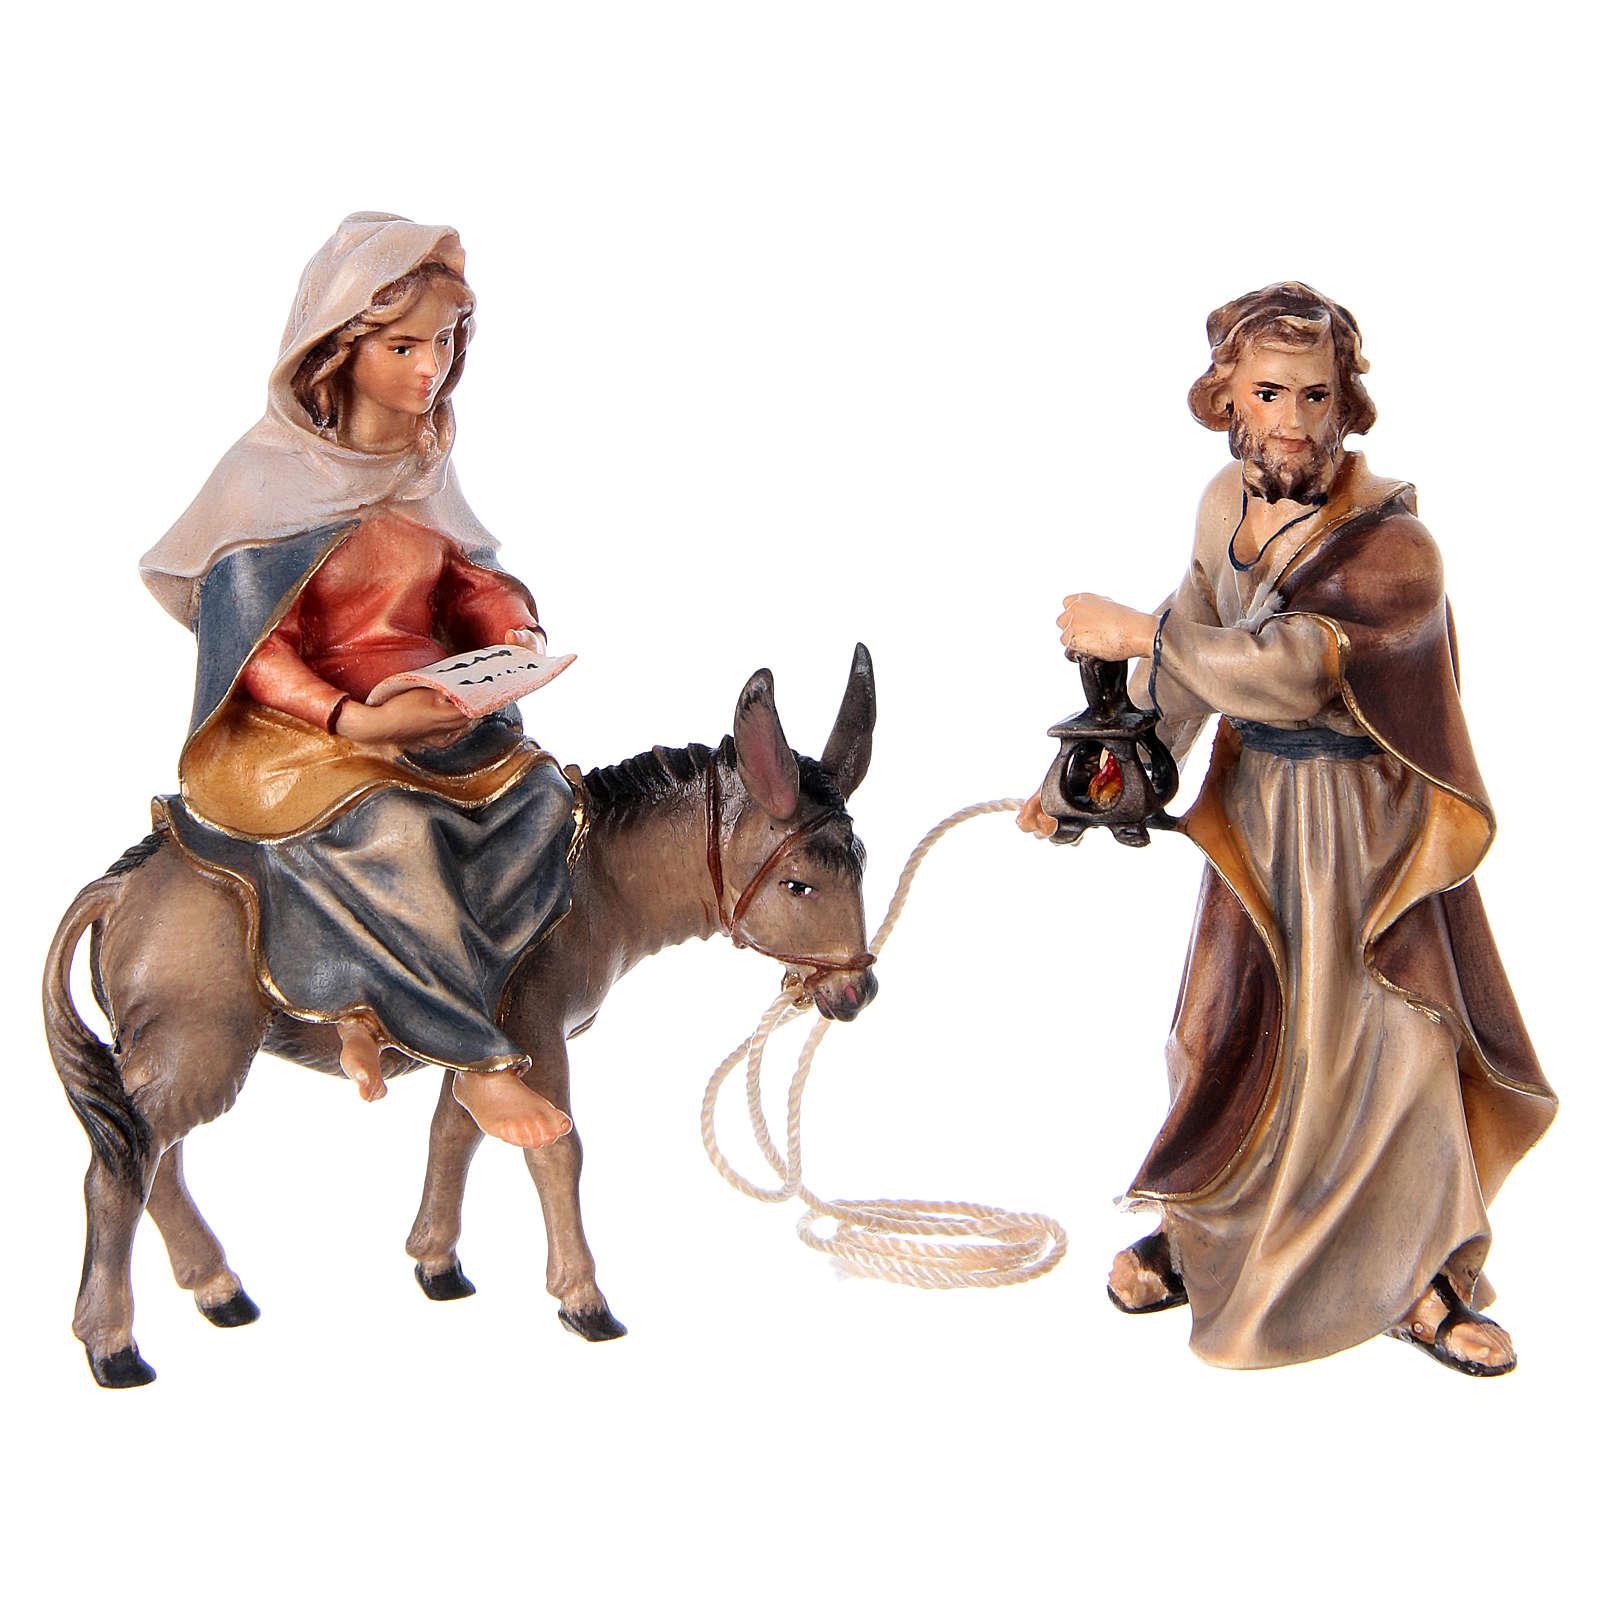 Ucieczka do Egiptu szopka Original drewno malowane Val Gardena 10 cm 4